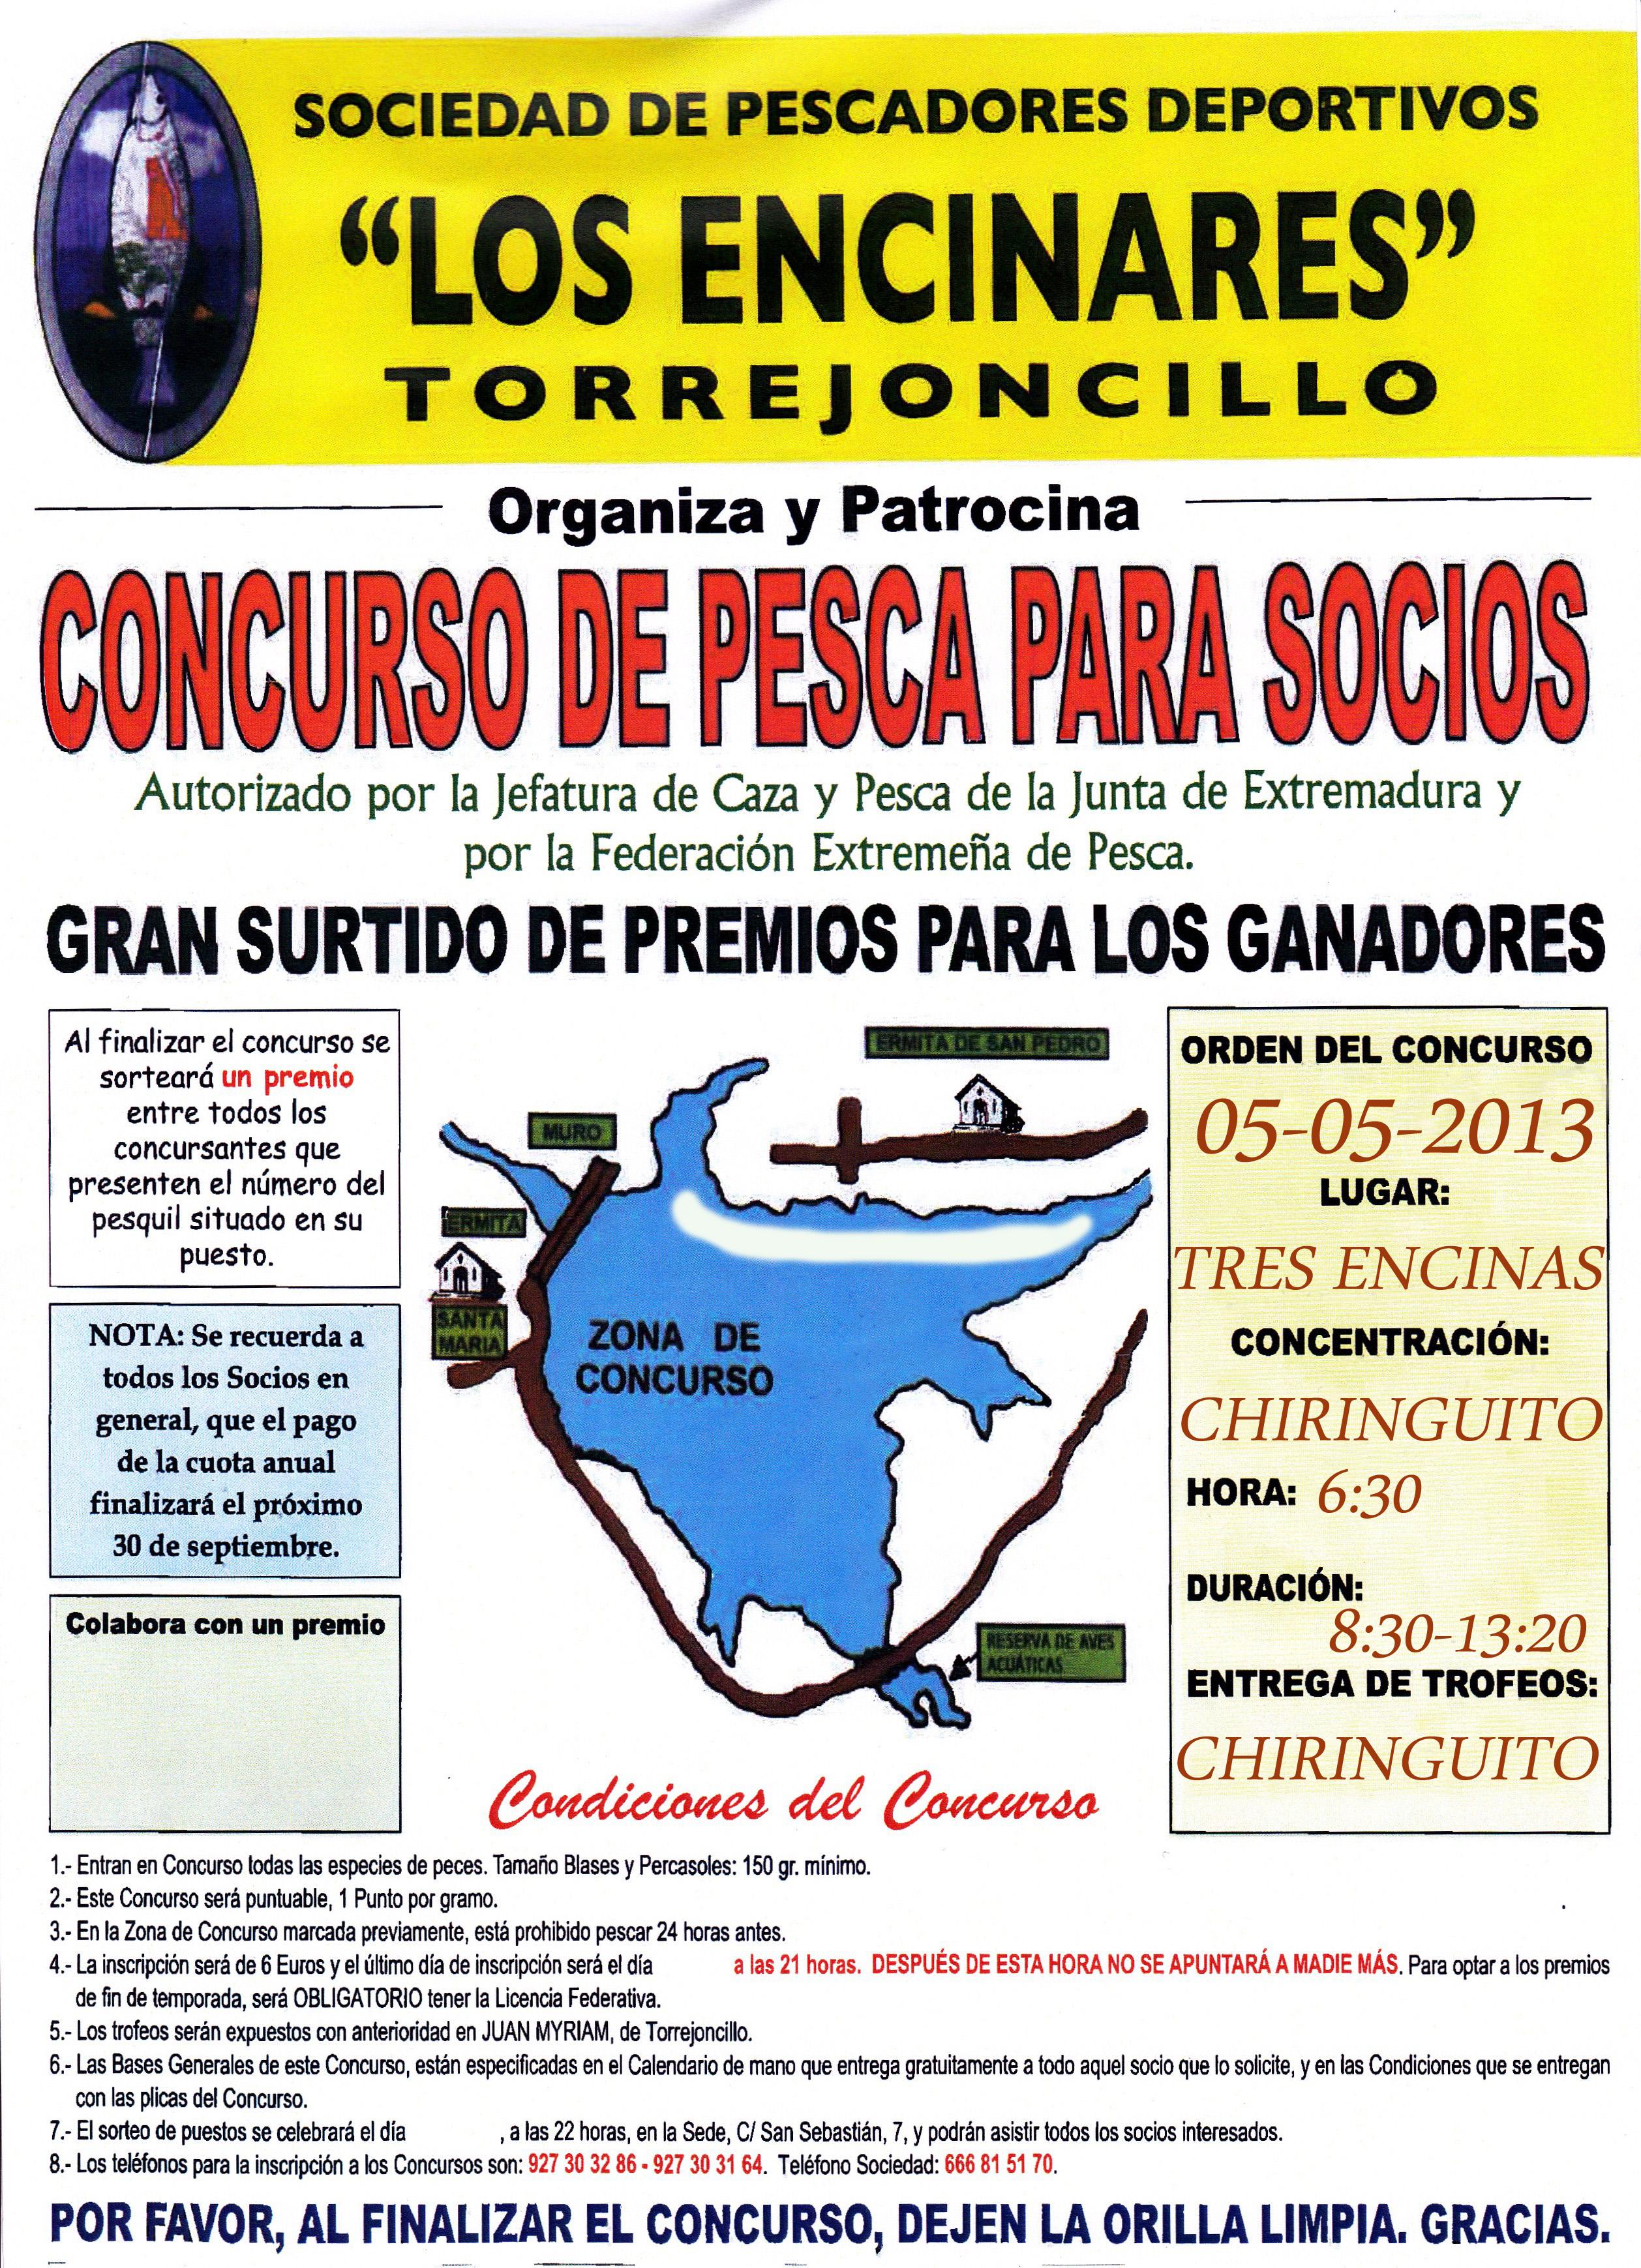 """La Sociedad de Pescadores """"Los Encinares"""" celebra el tercer concurso de la temporada"""